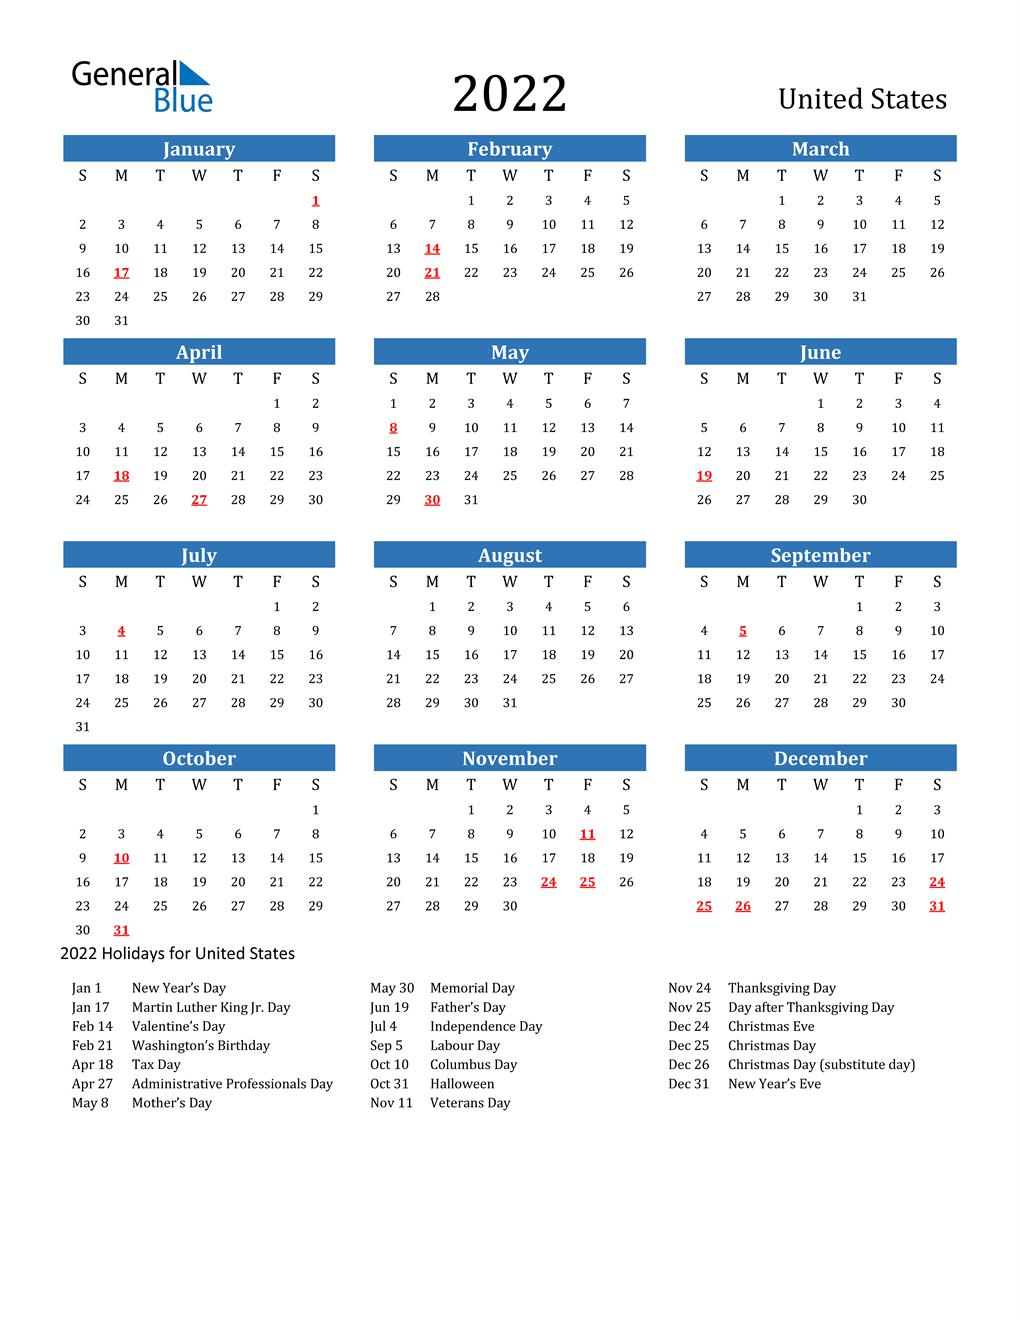 2022 Calendar Usa.2022 United States Calendar With Holidays